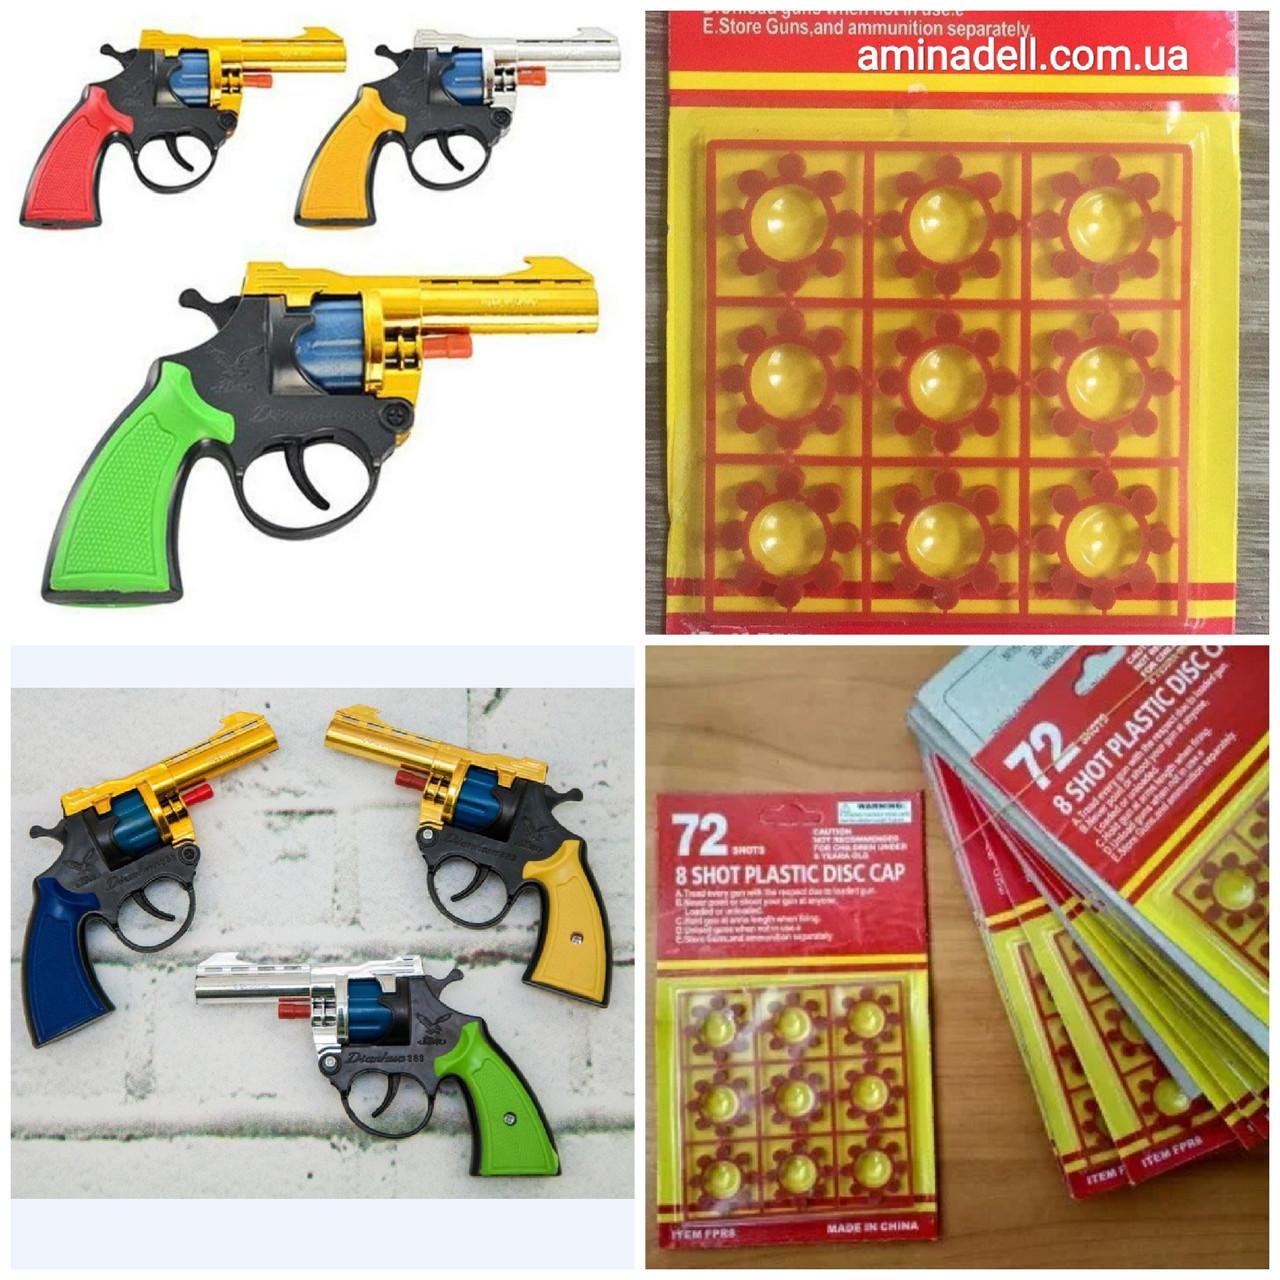 Набор: Пистолет на пистонах + 10 упаковок пистонов